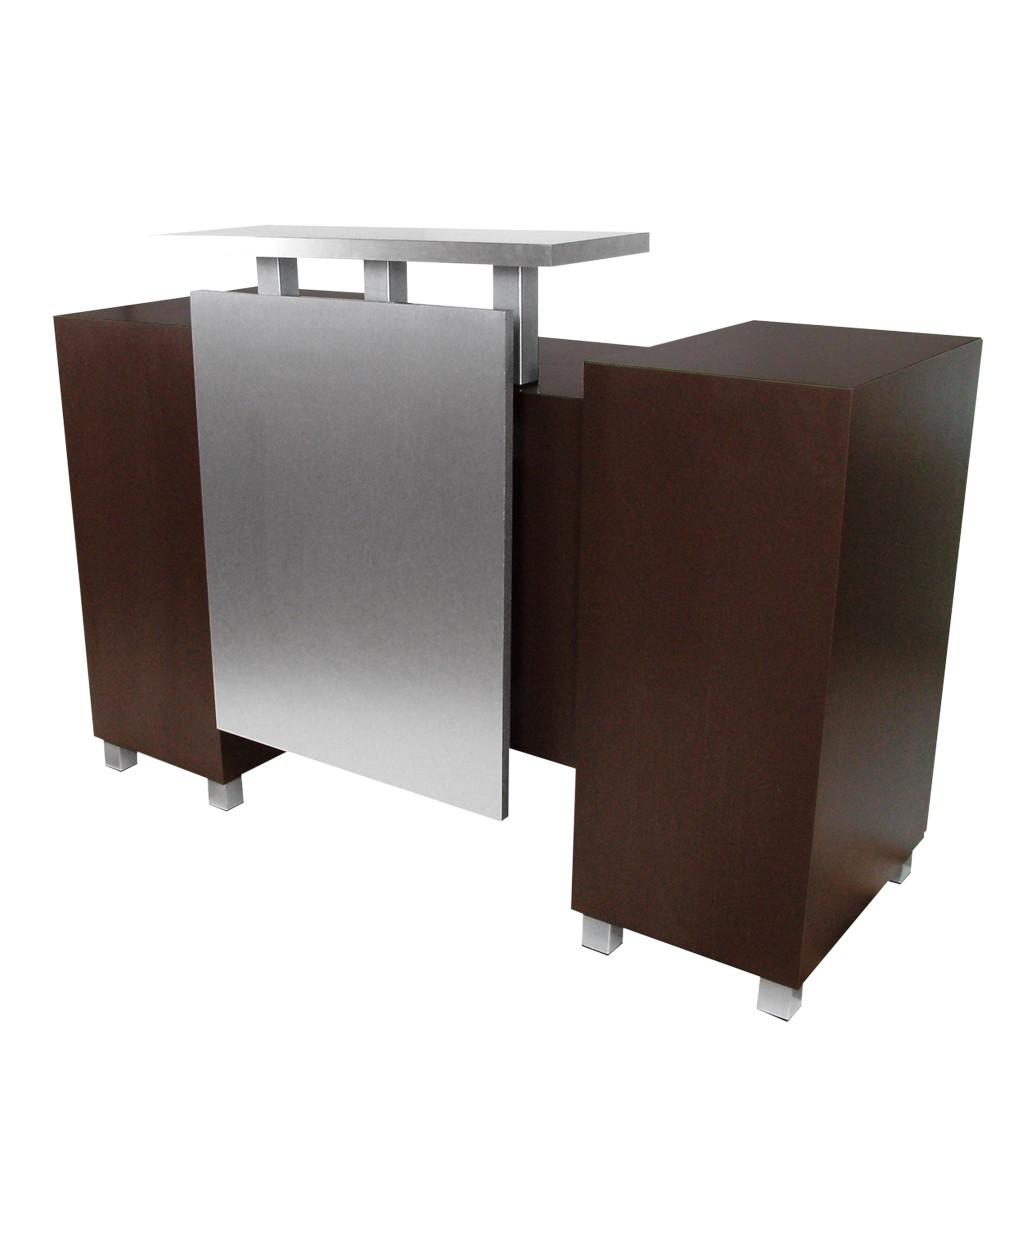 Collins 930 Amati Amico Reception Desk